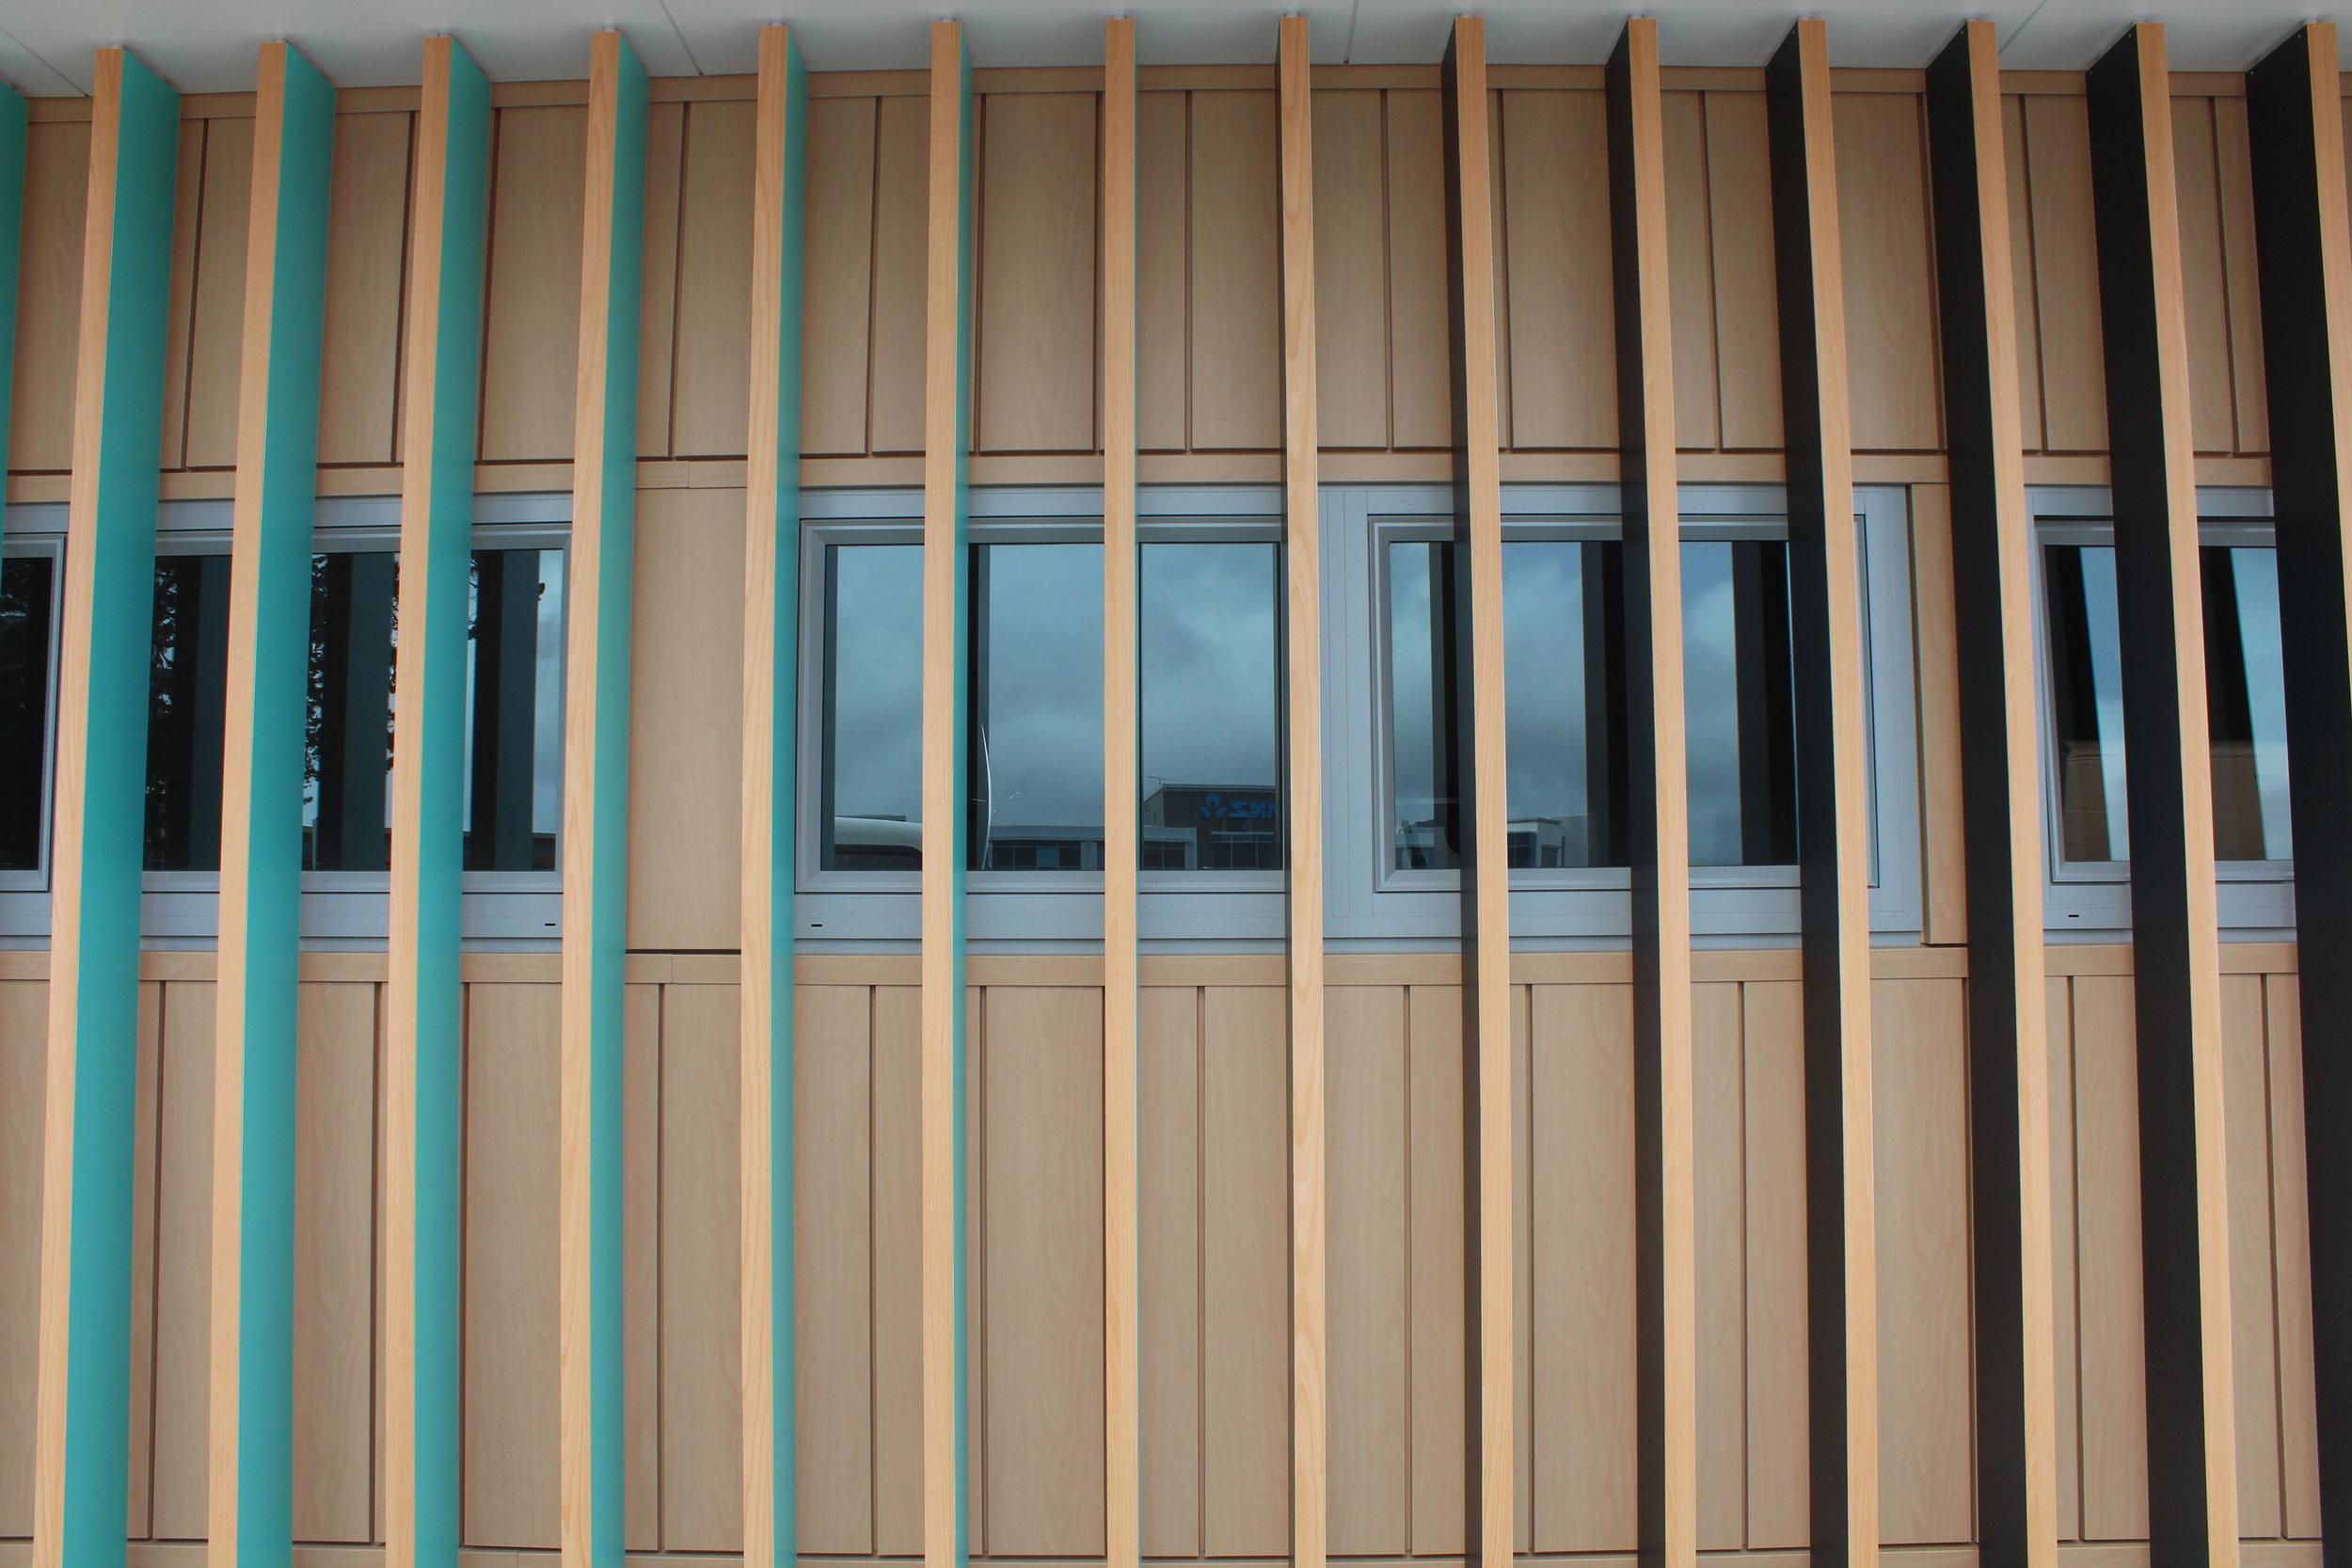 The-Roofing-Store-Steel-Metal-Interlocking-Panel-Lux-Light-Wood-6.jpg.jpg